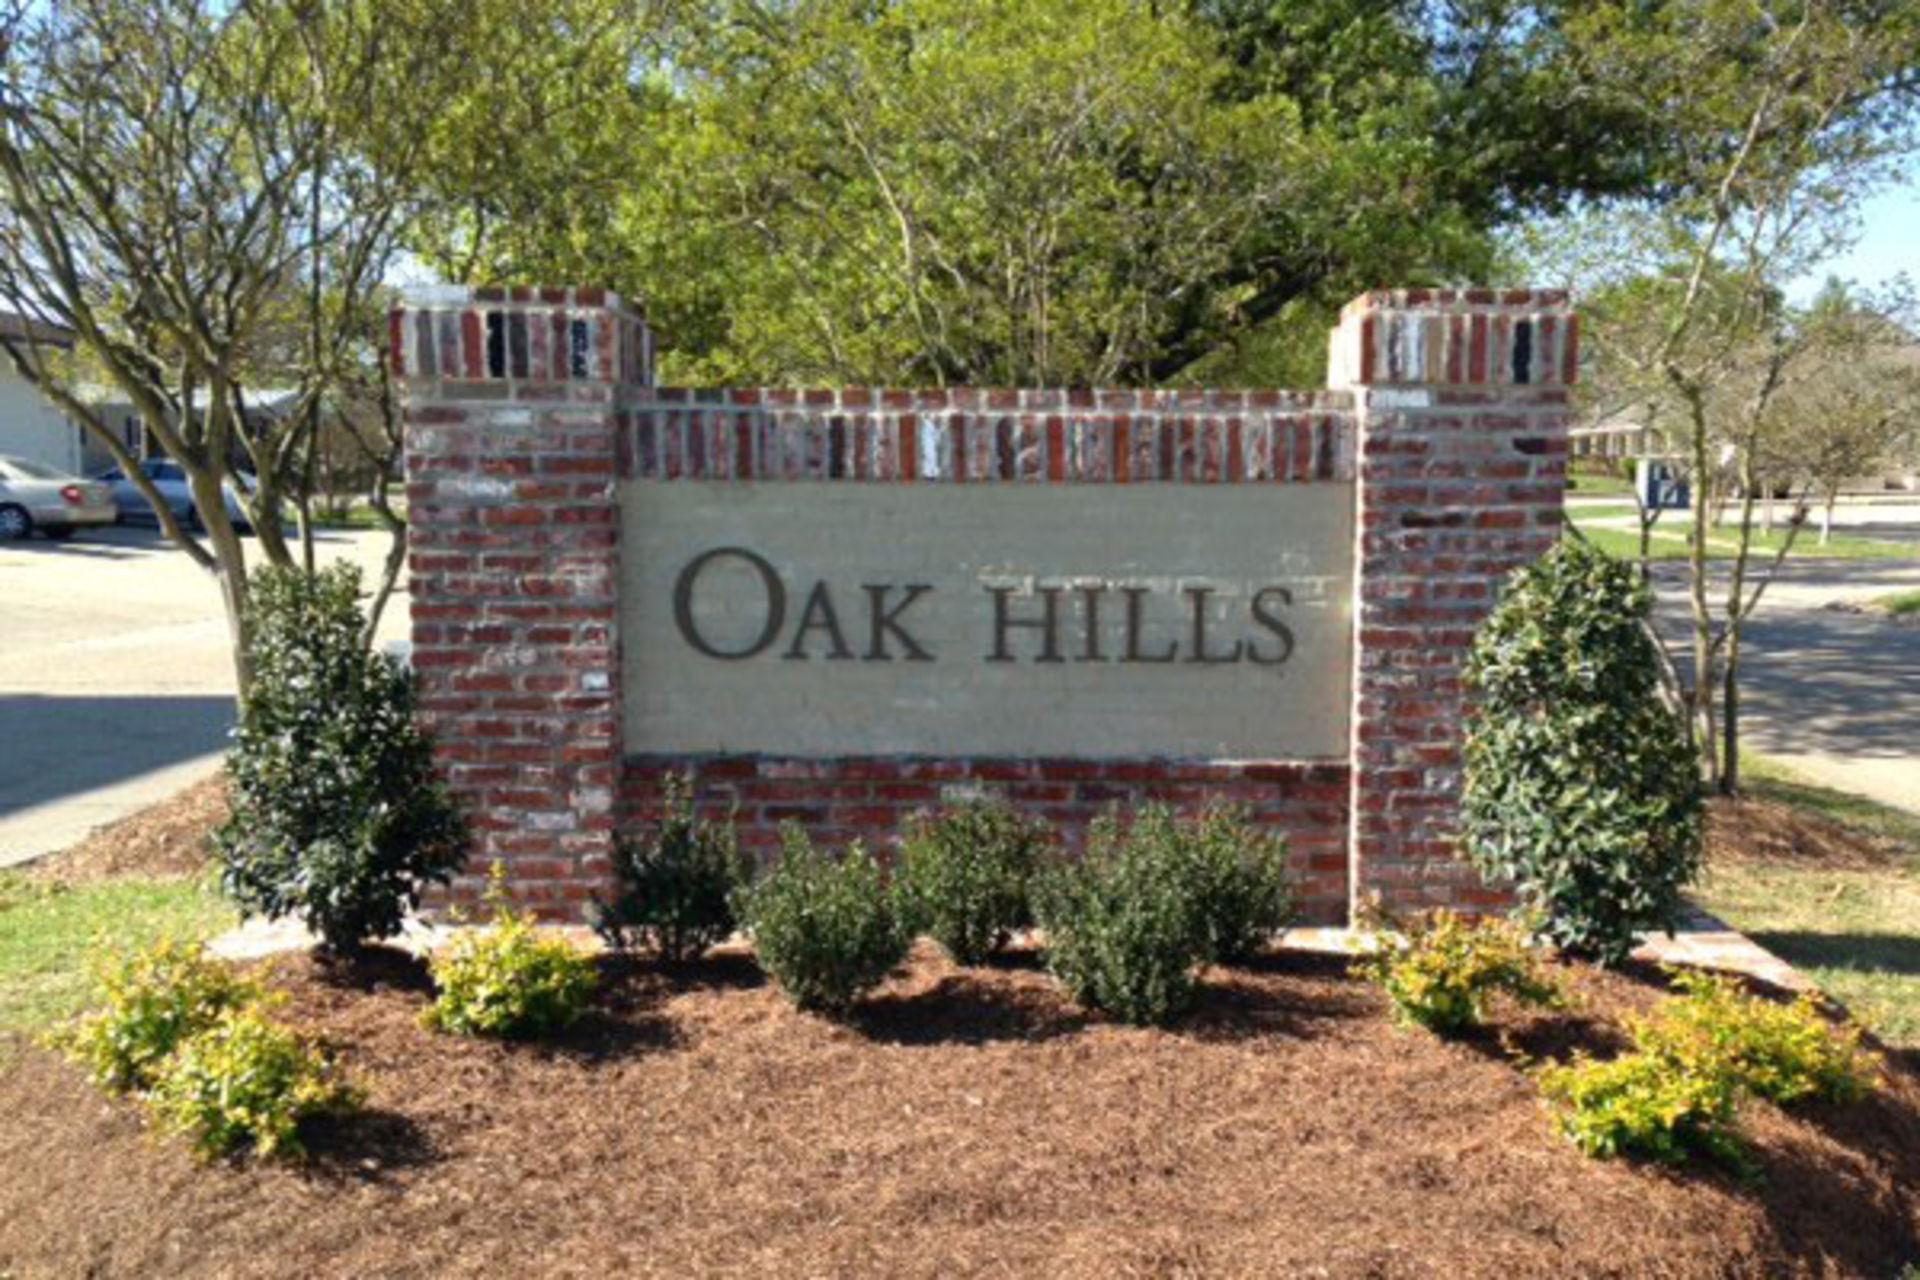 Oak Hills Park